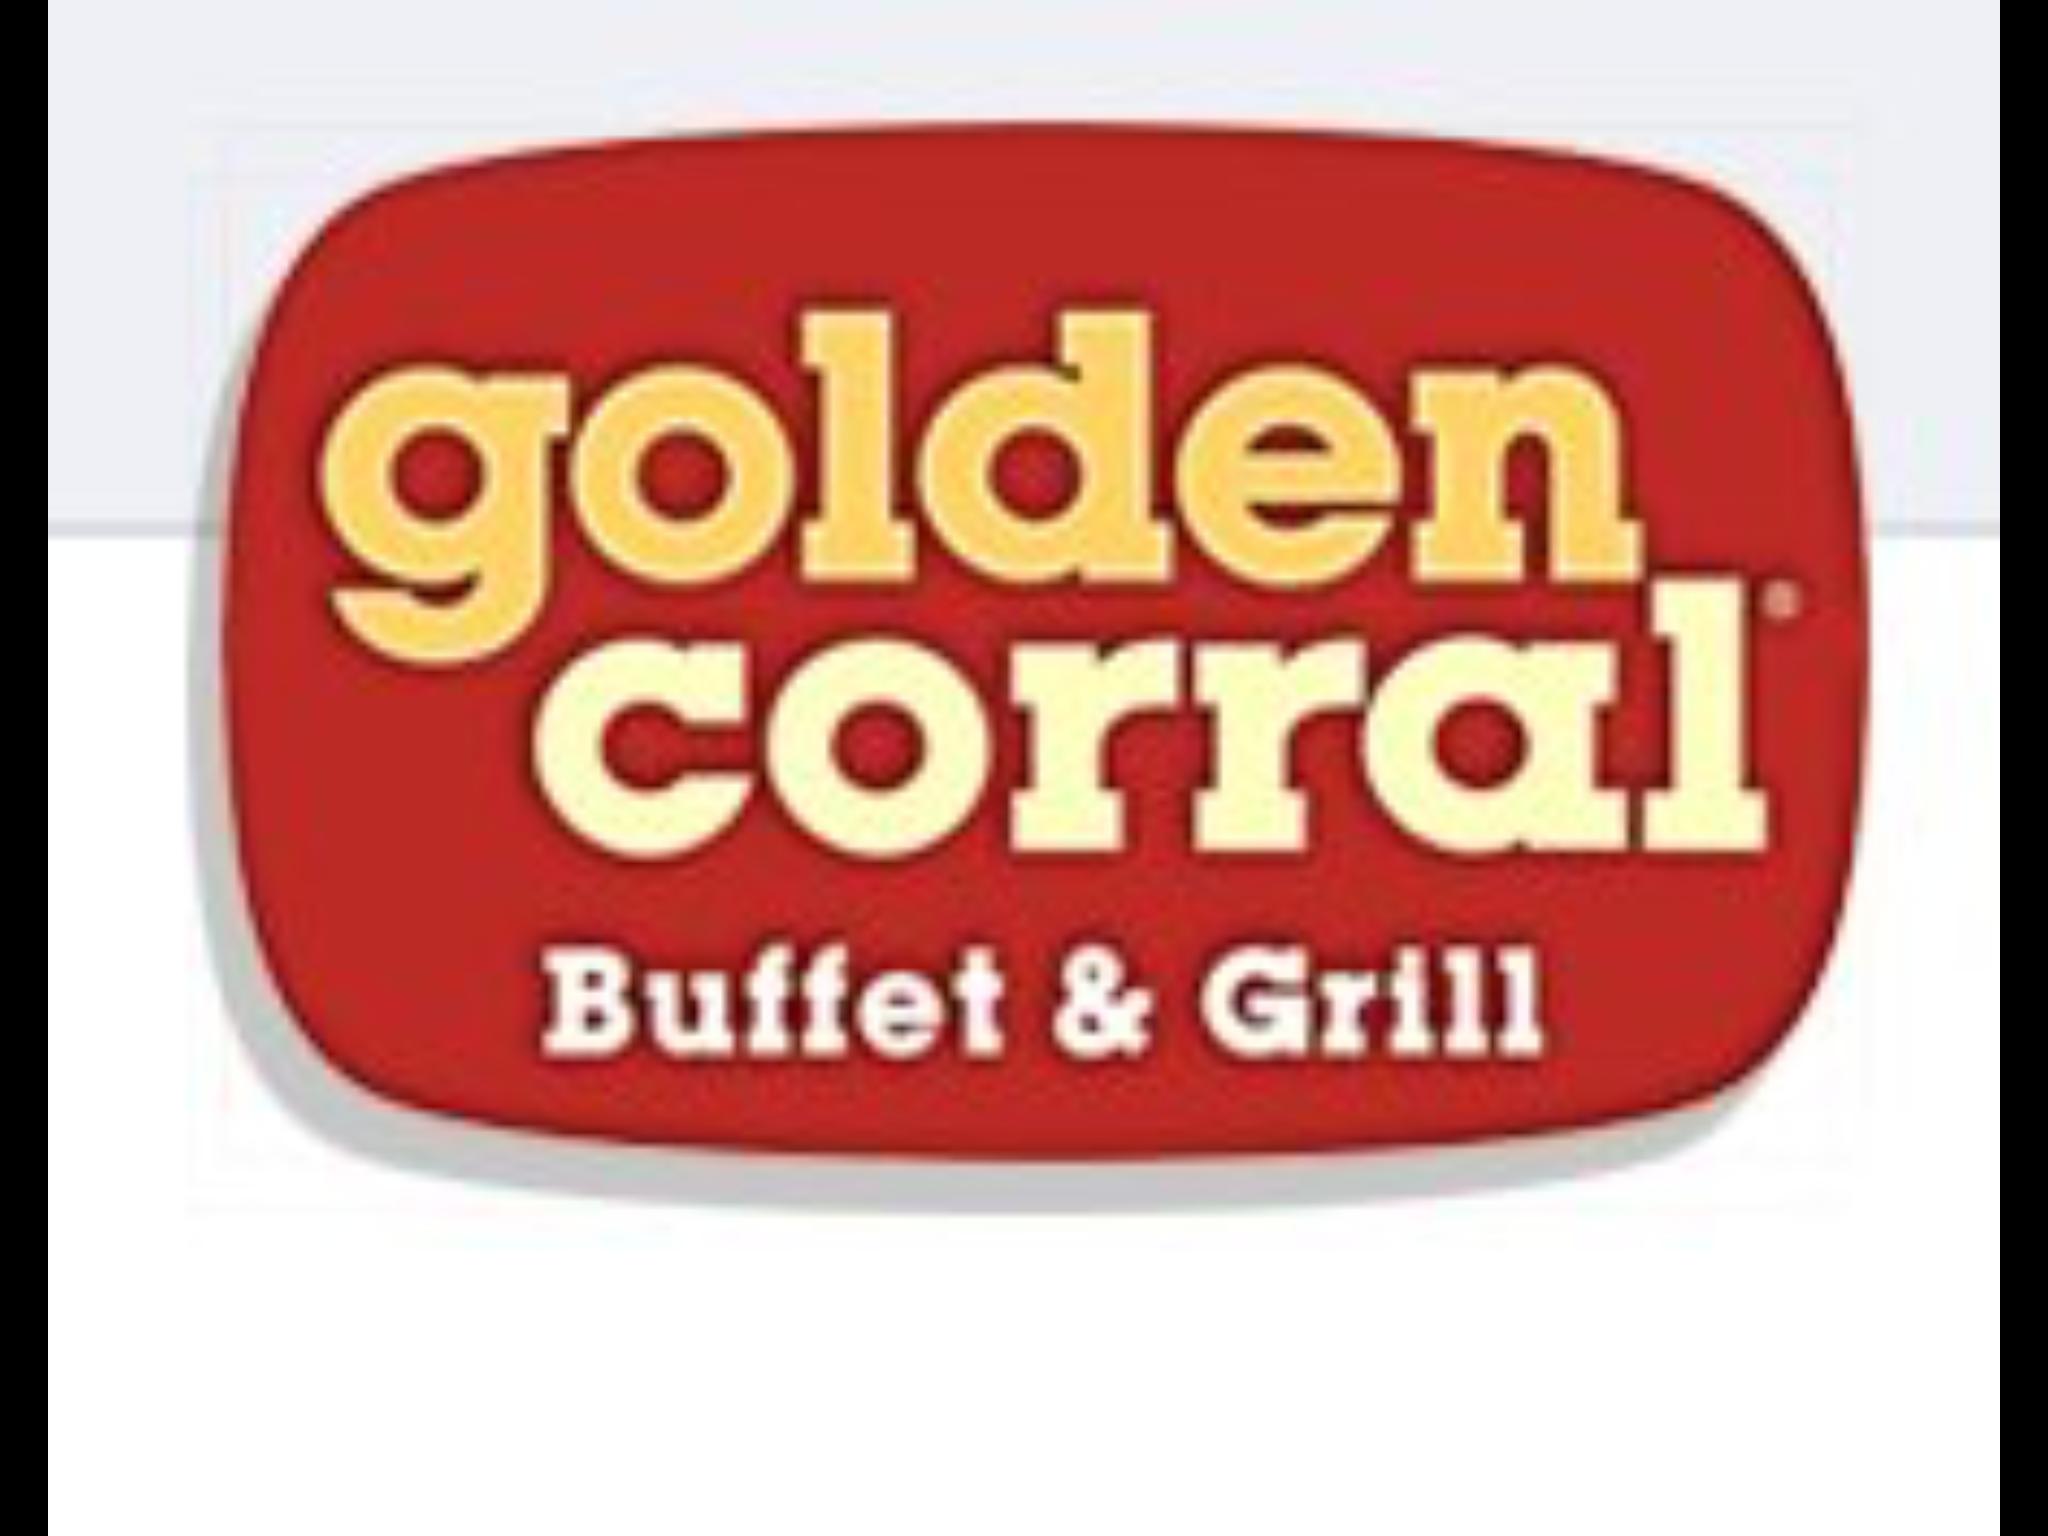 Coming Soon Golden Corral Oneida Golden Corral Burger King Burger King Logo